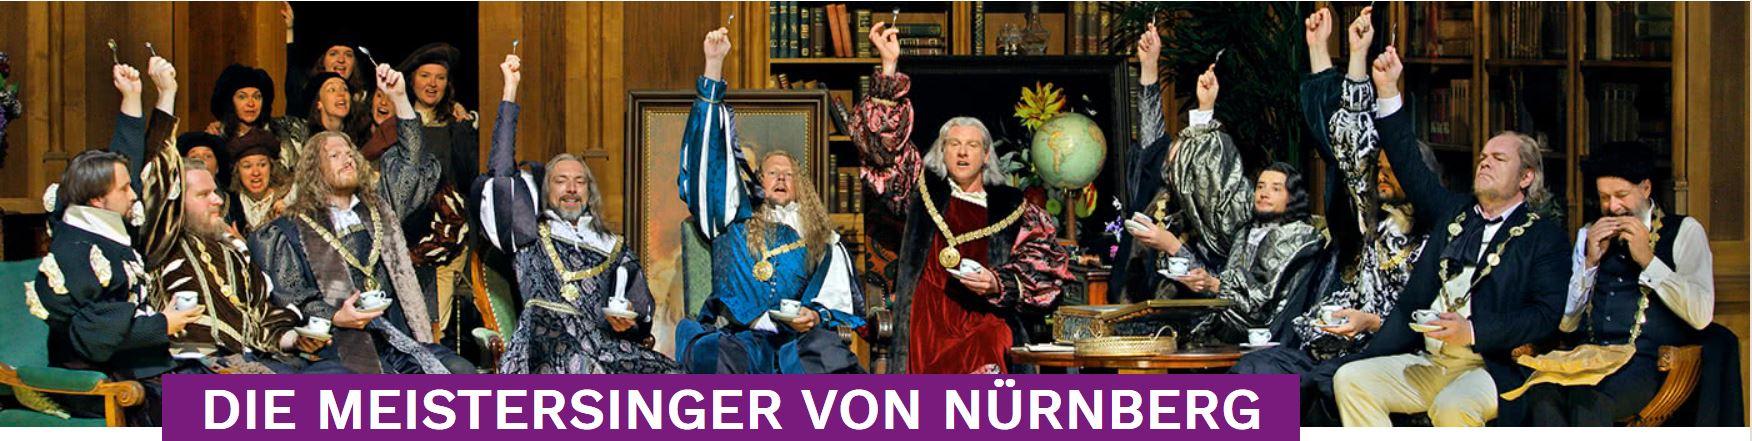 Meistersinger I